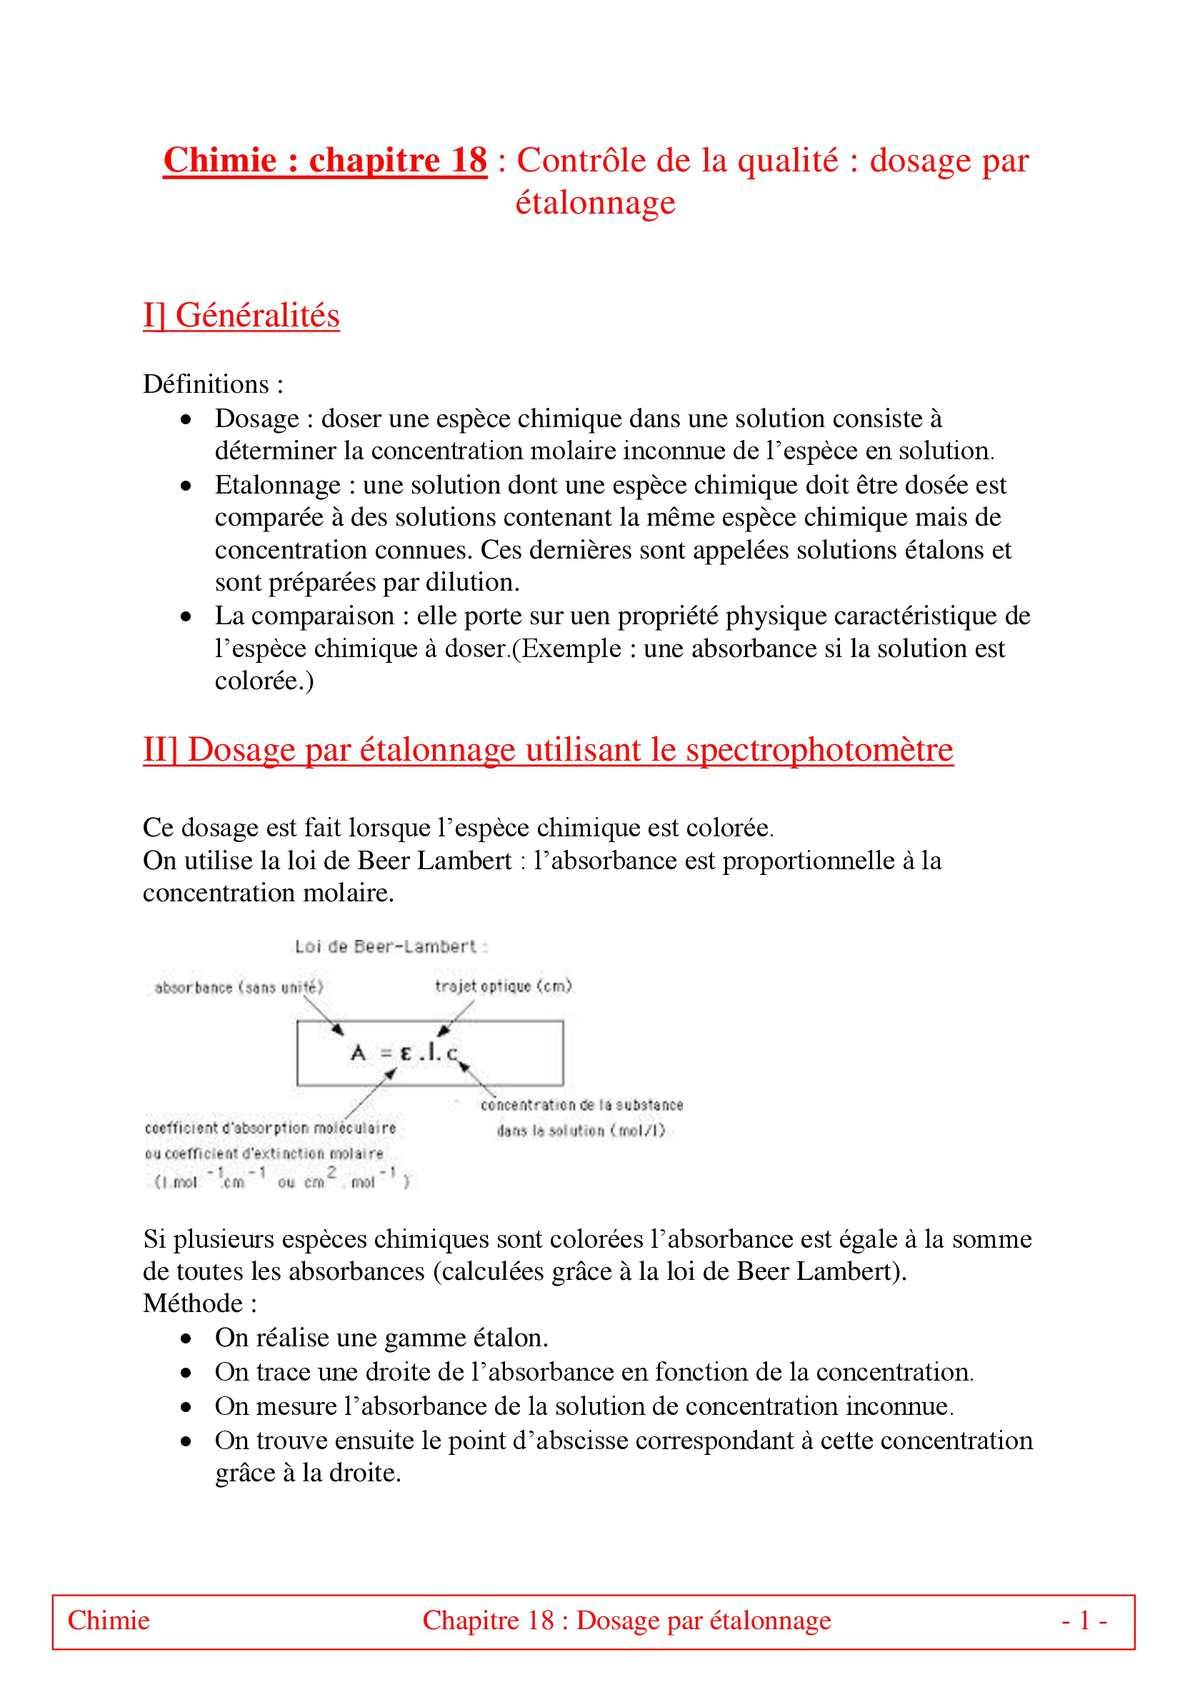 TS - PHYSIQUE/CHIMIE – Chapitre 18 bis | JéSky.fr